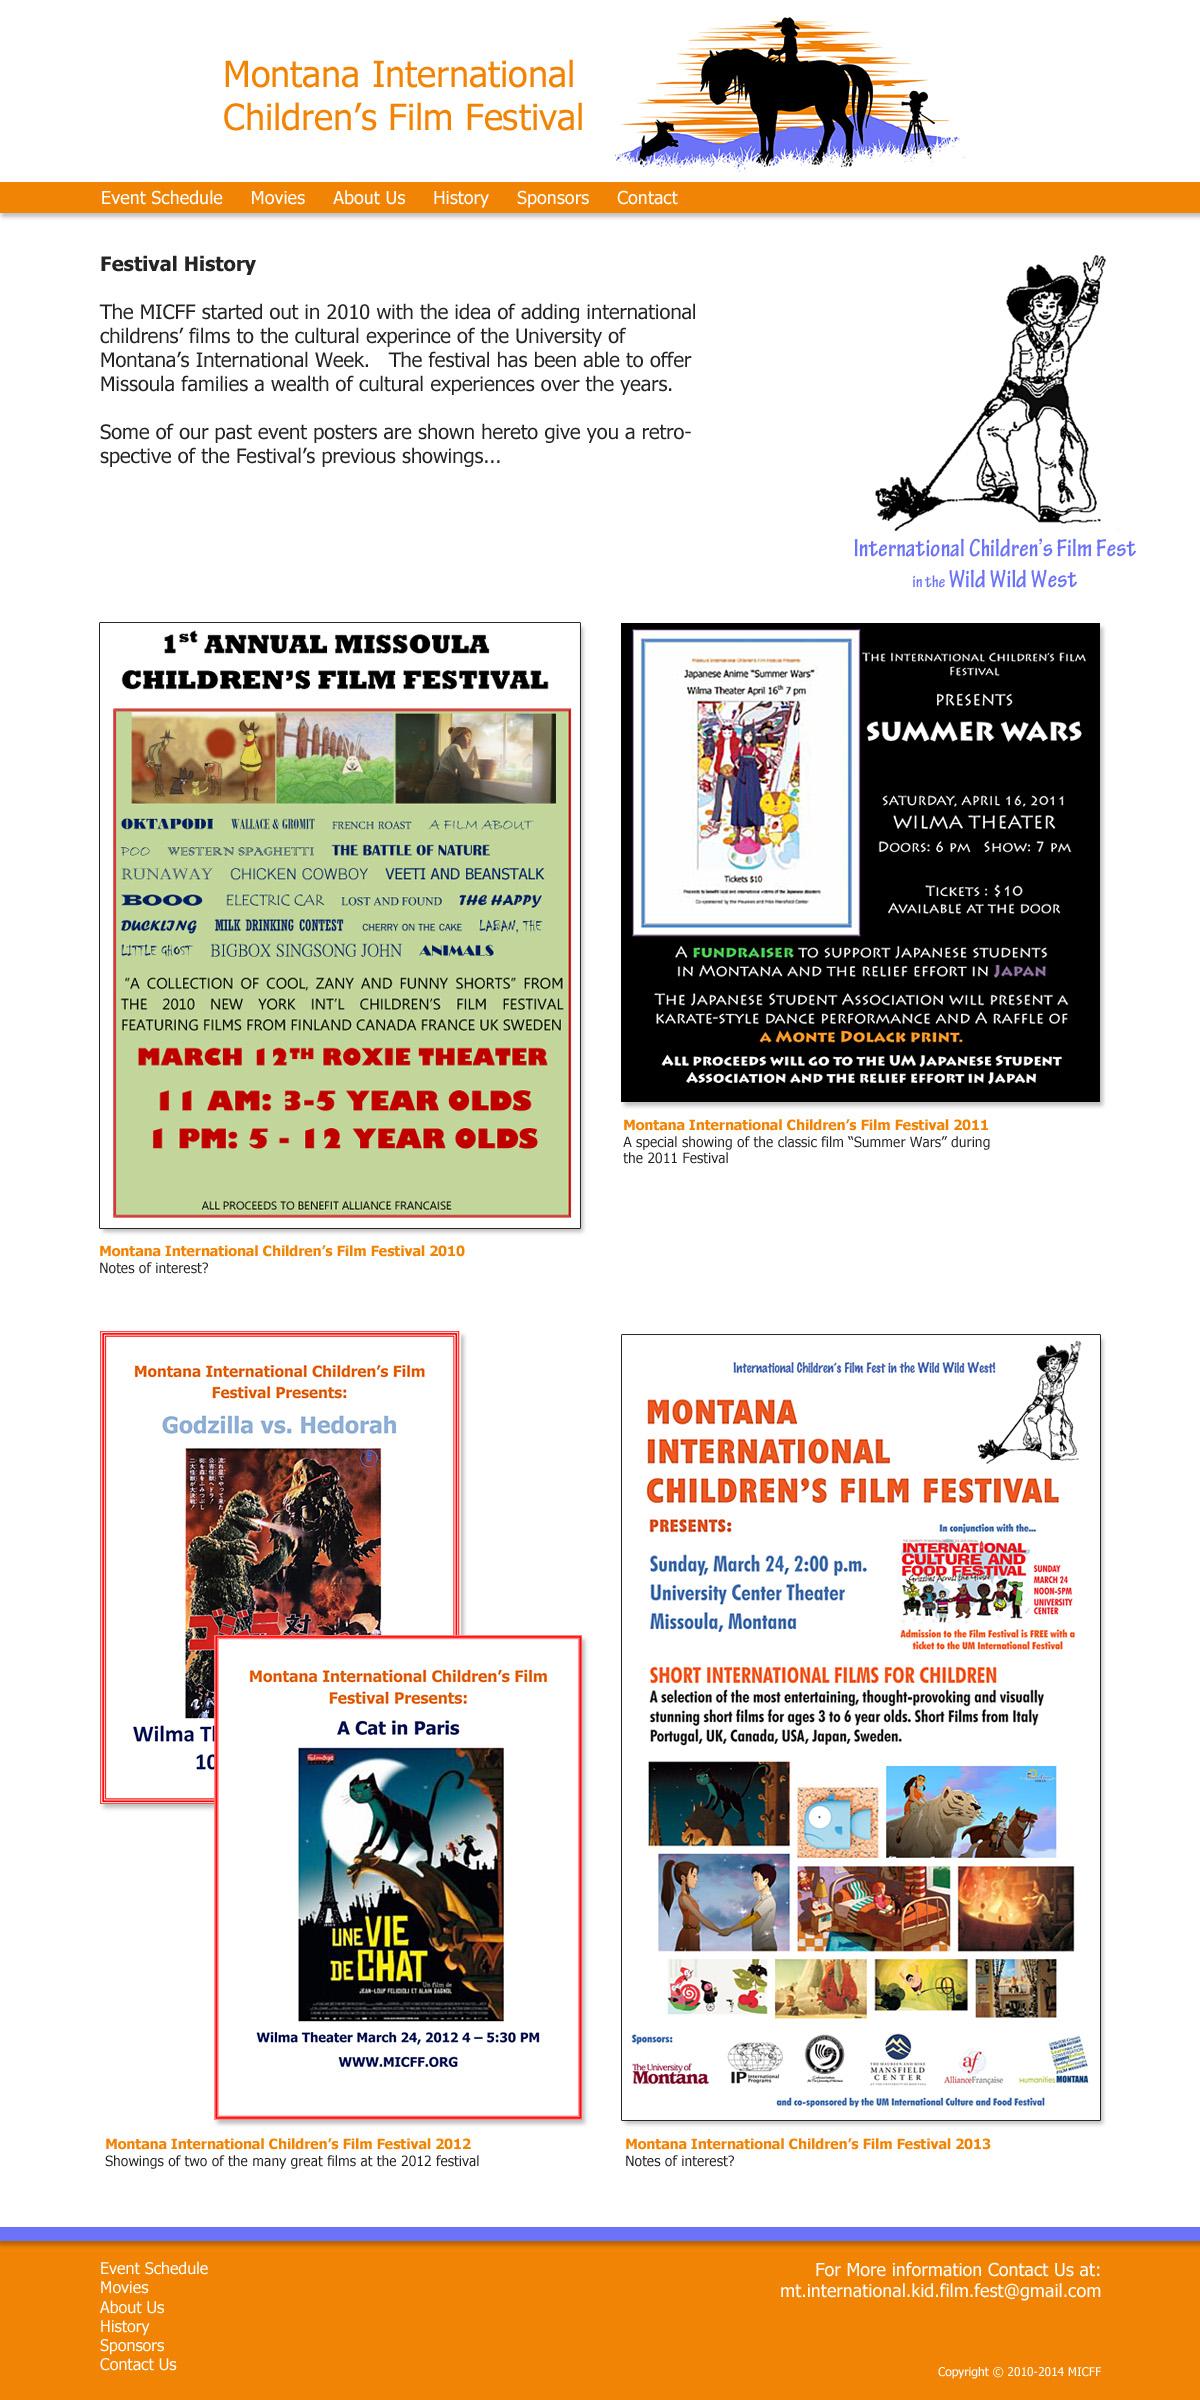 Website Design, Web Development, Graphic Design, Marketing, Logo Design, Logo Creation, Missoula Montana, Missoula MT, Denver Colorado, Denver CO, CSS, HTML